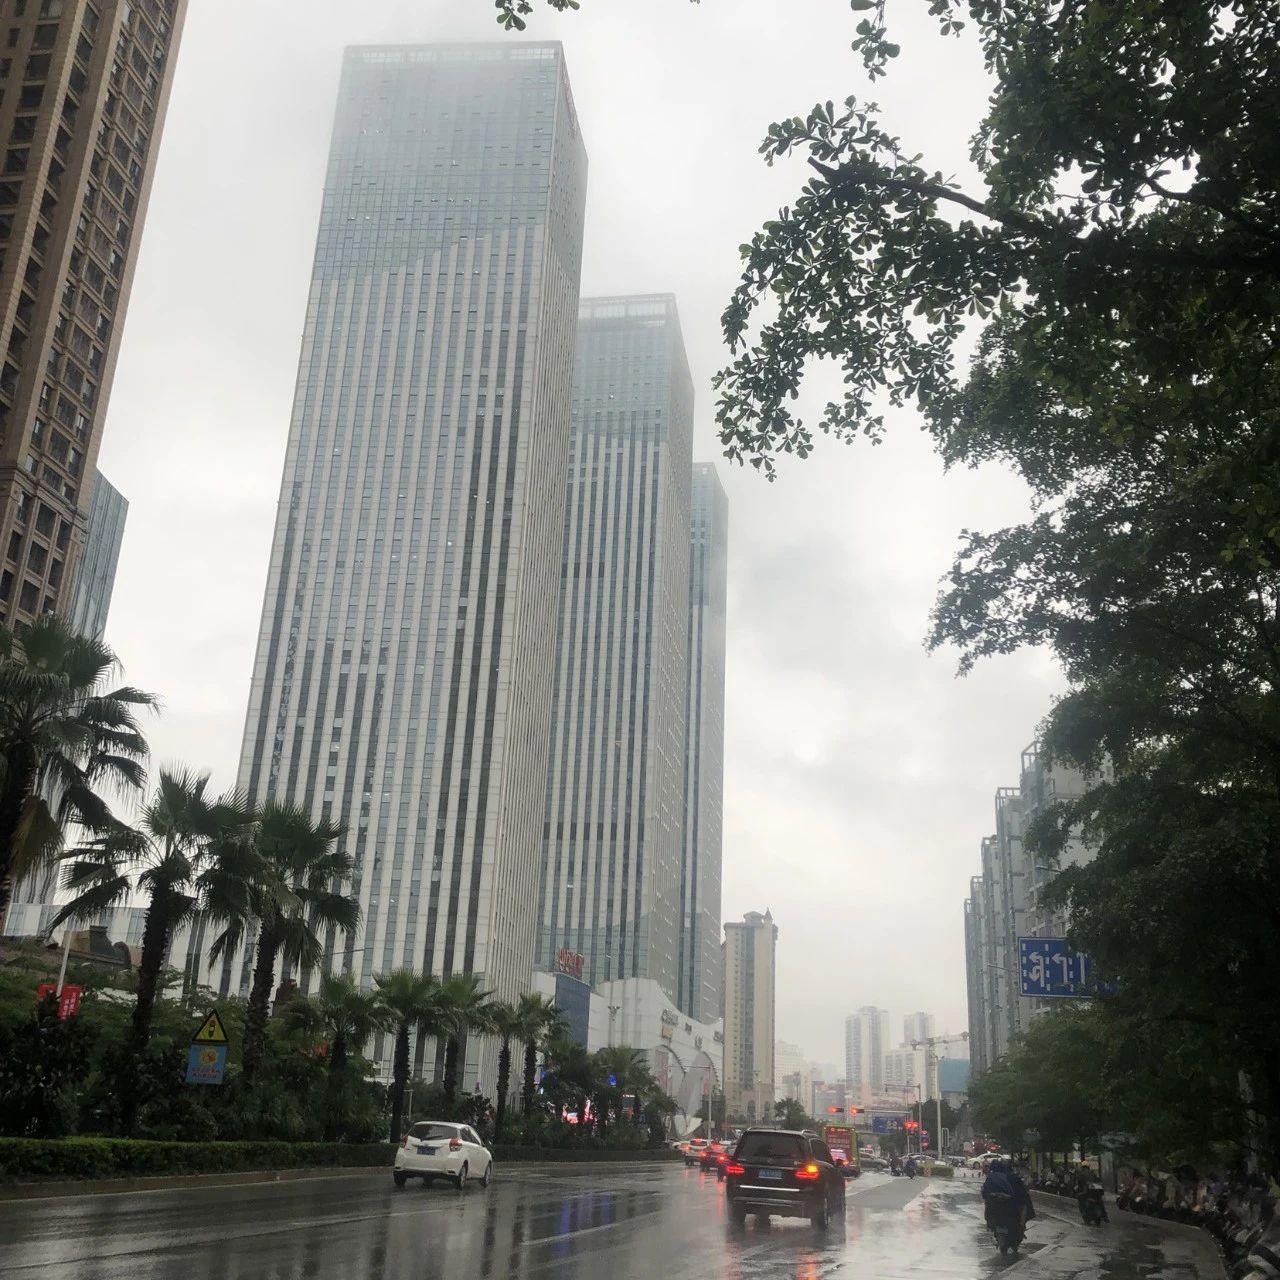 雨雨雨冷冷冷!20日广西雨势将减弱 气温陆续升到30℃